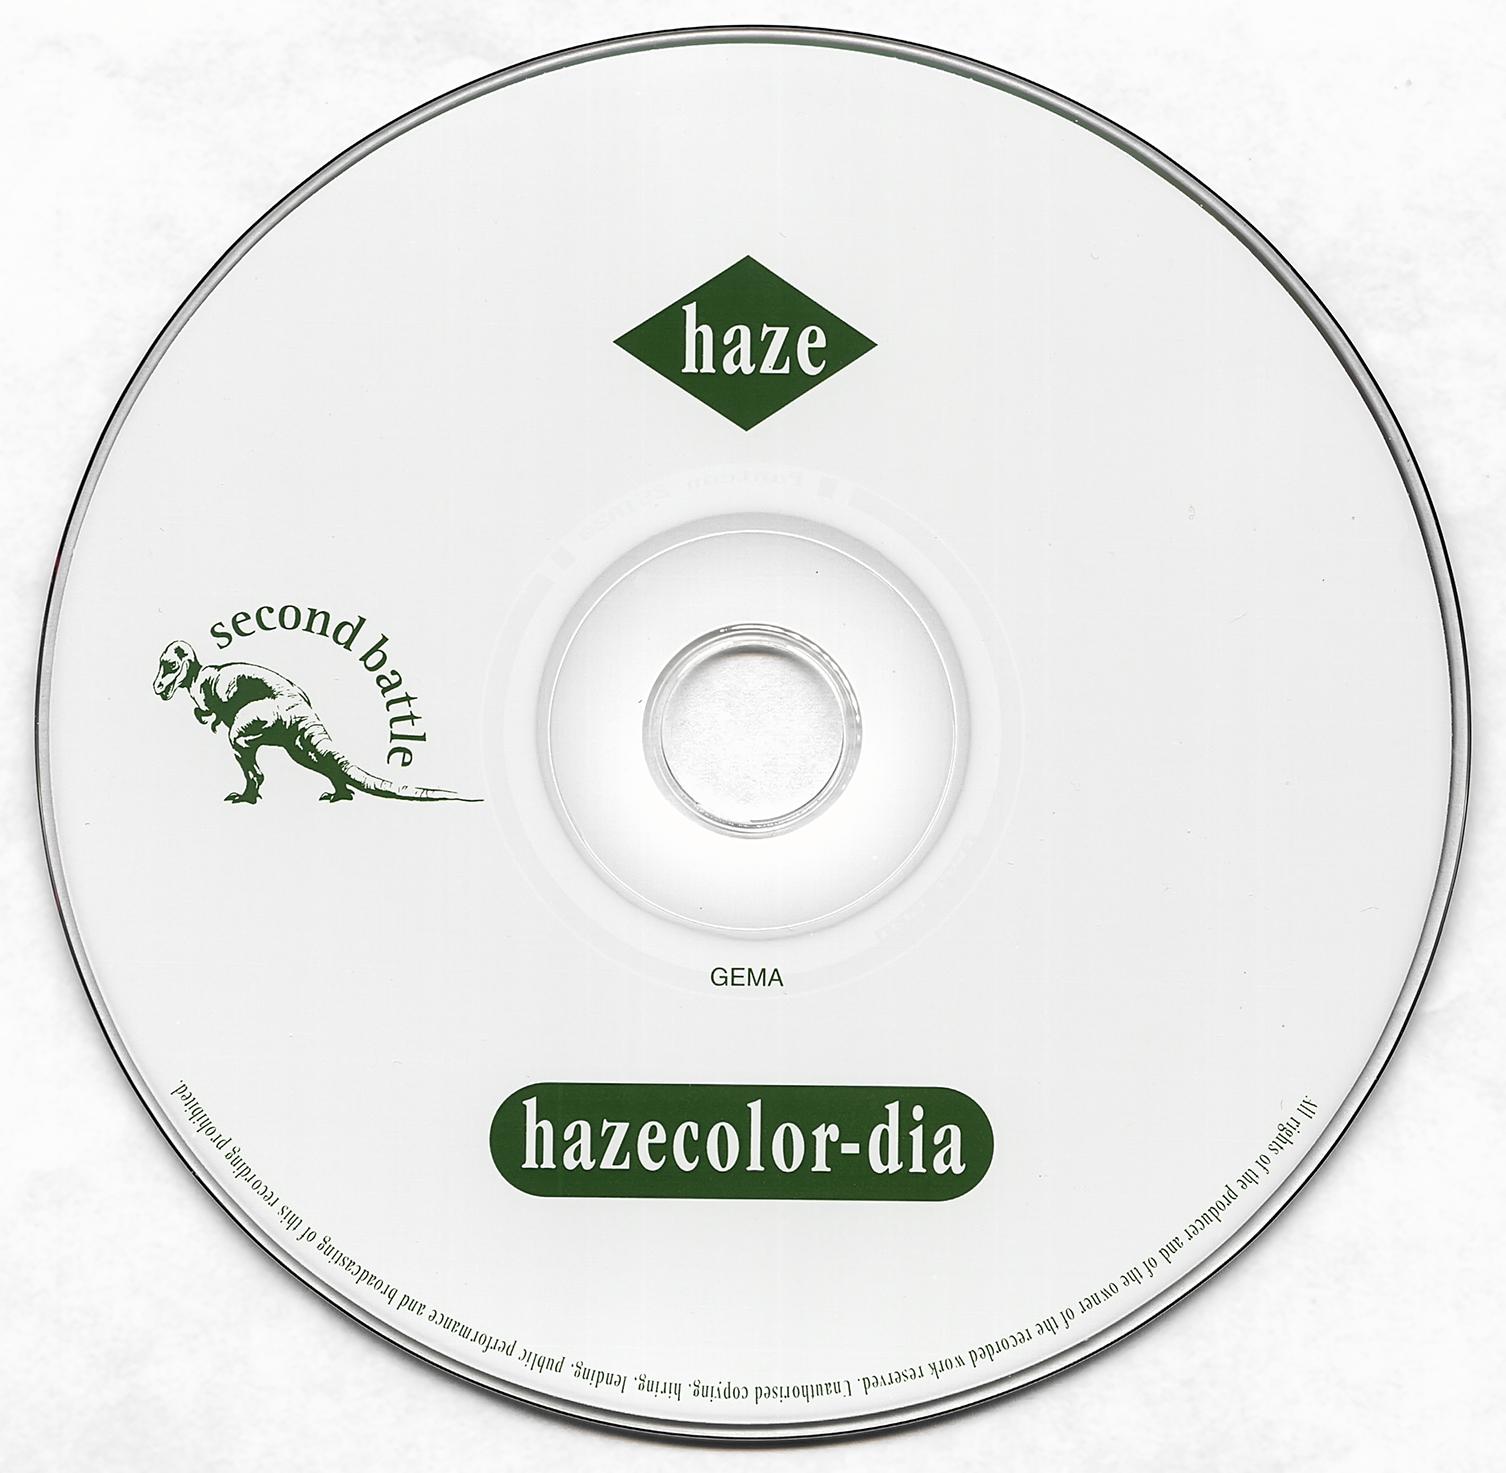 http://1.bp.blogspot.com/-o4FW8BooF5w/TwSQZCo6TFI/AAAAAAAABB8/Yj19kP127Yc/s1600/Haze%2B-%2BHazecolor-Dia%2B-%2BCD.jpg